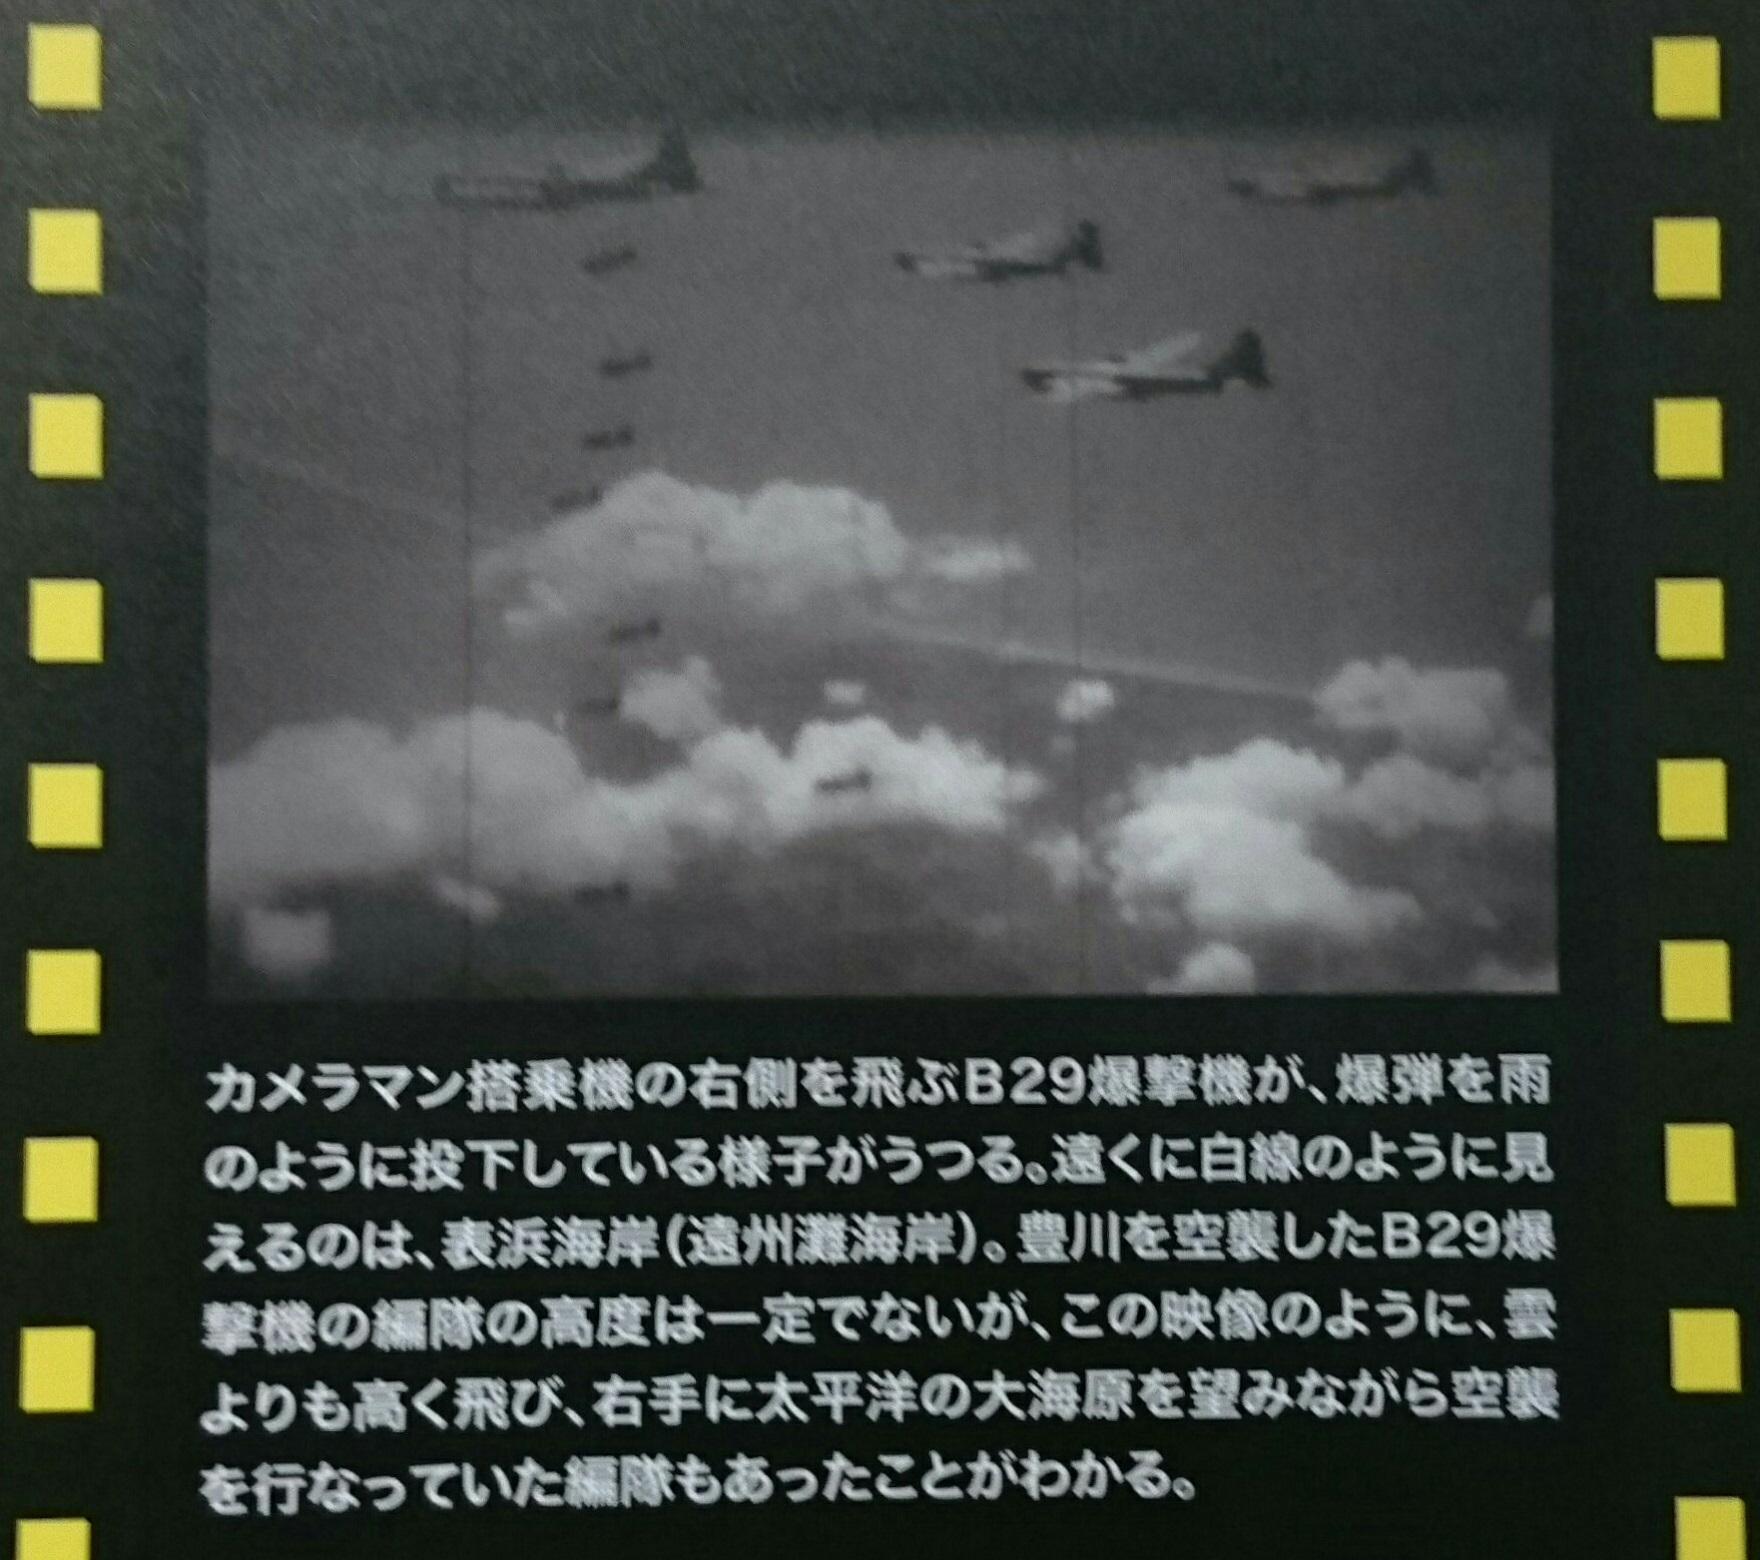 2017.8.30 豊川海軍工廠展 (3) B29による爆撃 1760-1560